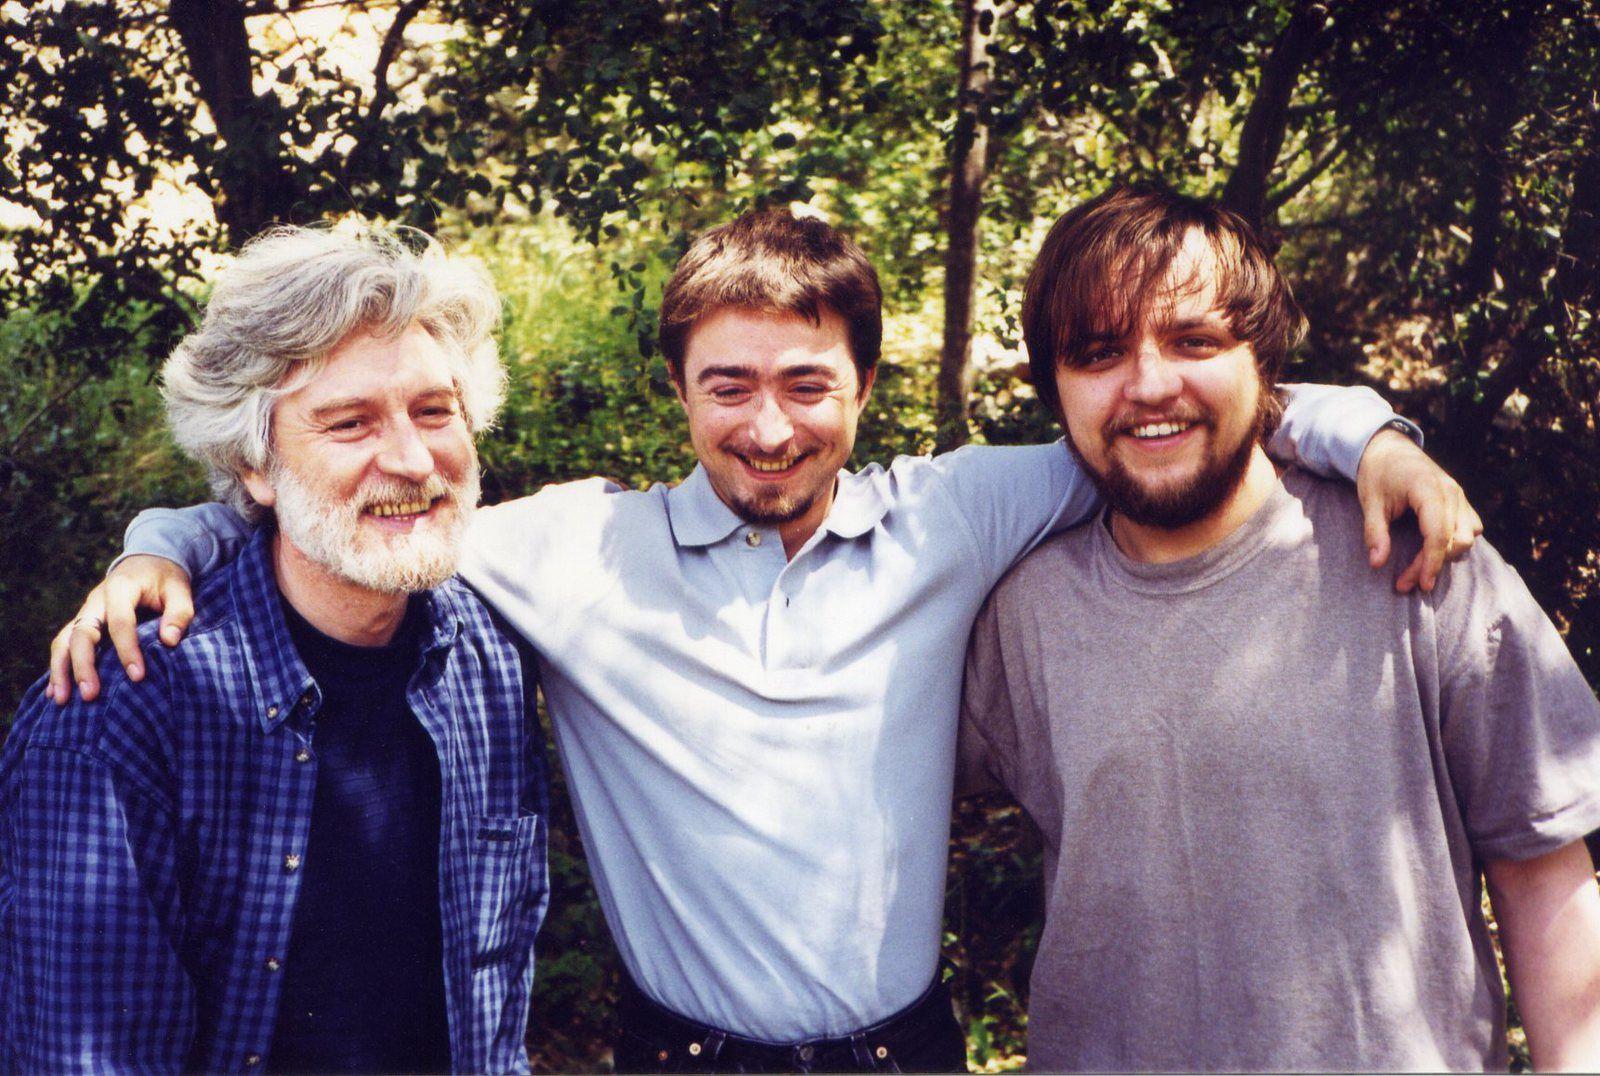 Cyril avec Anatoli en 1998 au Revest, Cyril à sa descente du transsibérien le 19 juin 2000, Anatoli, Dasha and Co en 2009 à Corsavy, pour préparer le bocal de 2010, JCG volontaire pour nettoyer les rives, écritures, lectures à Sukhaya et Baklany, la datcha dortoir de l'oligarque qui nous a accueillis la nuit du 13 au 14 août 2010, lectures au Molodiojni Theatr' à Oulan-Oudé, la sirène du Baïkal qui a inspiré mon poème Dans le sillage de Baïkala